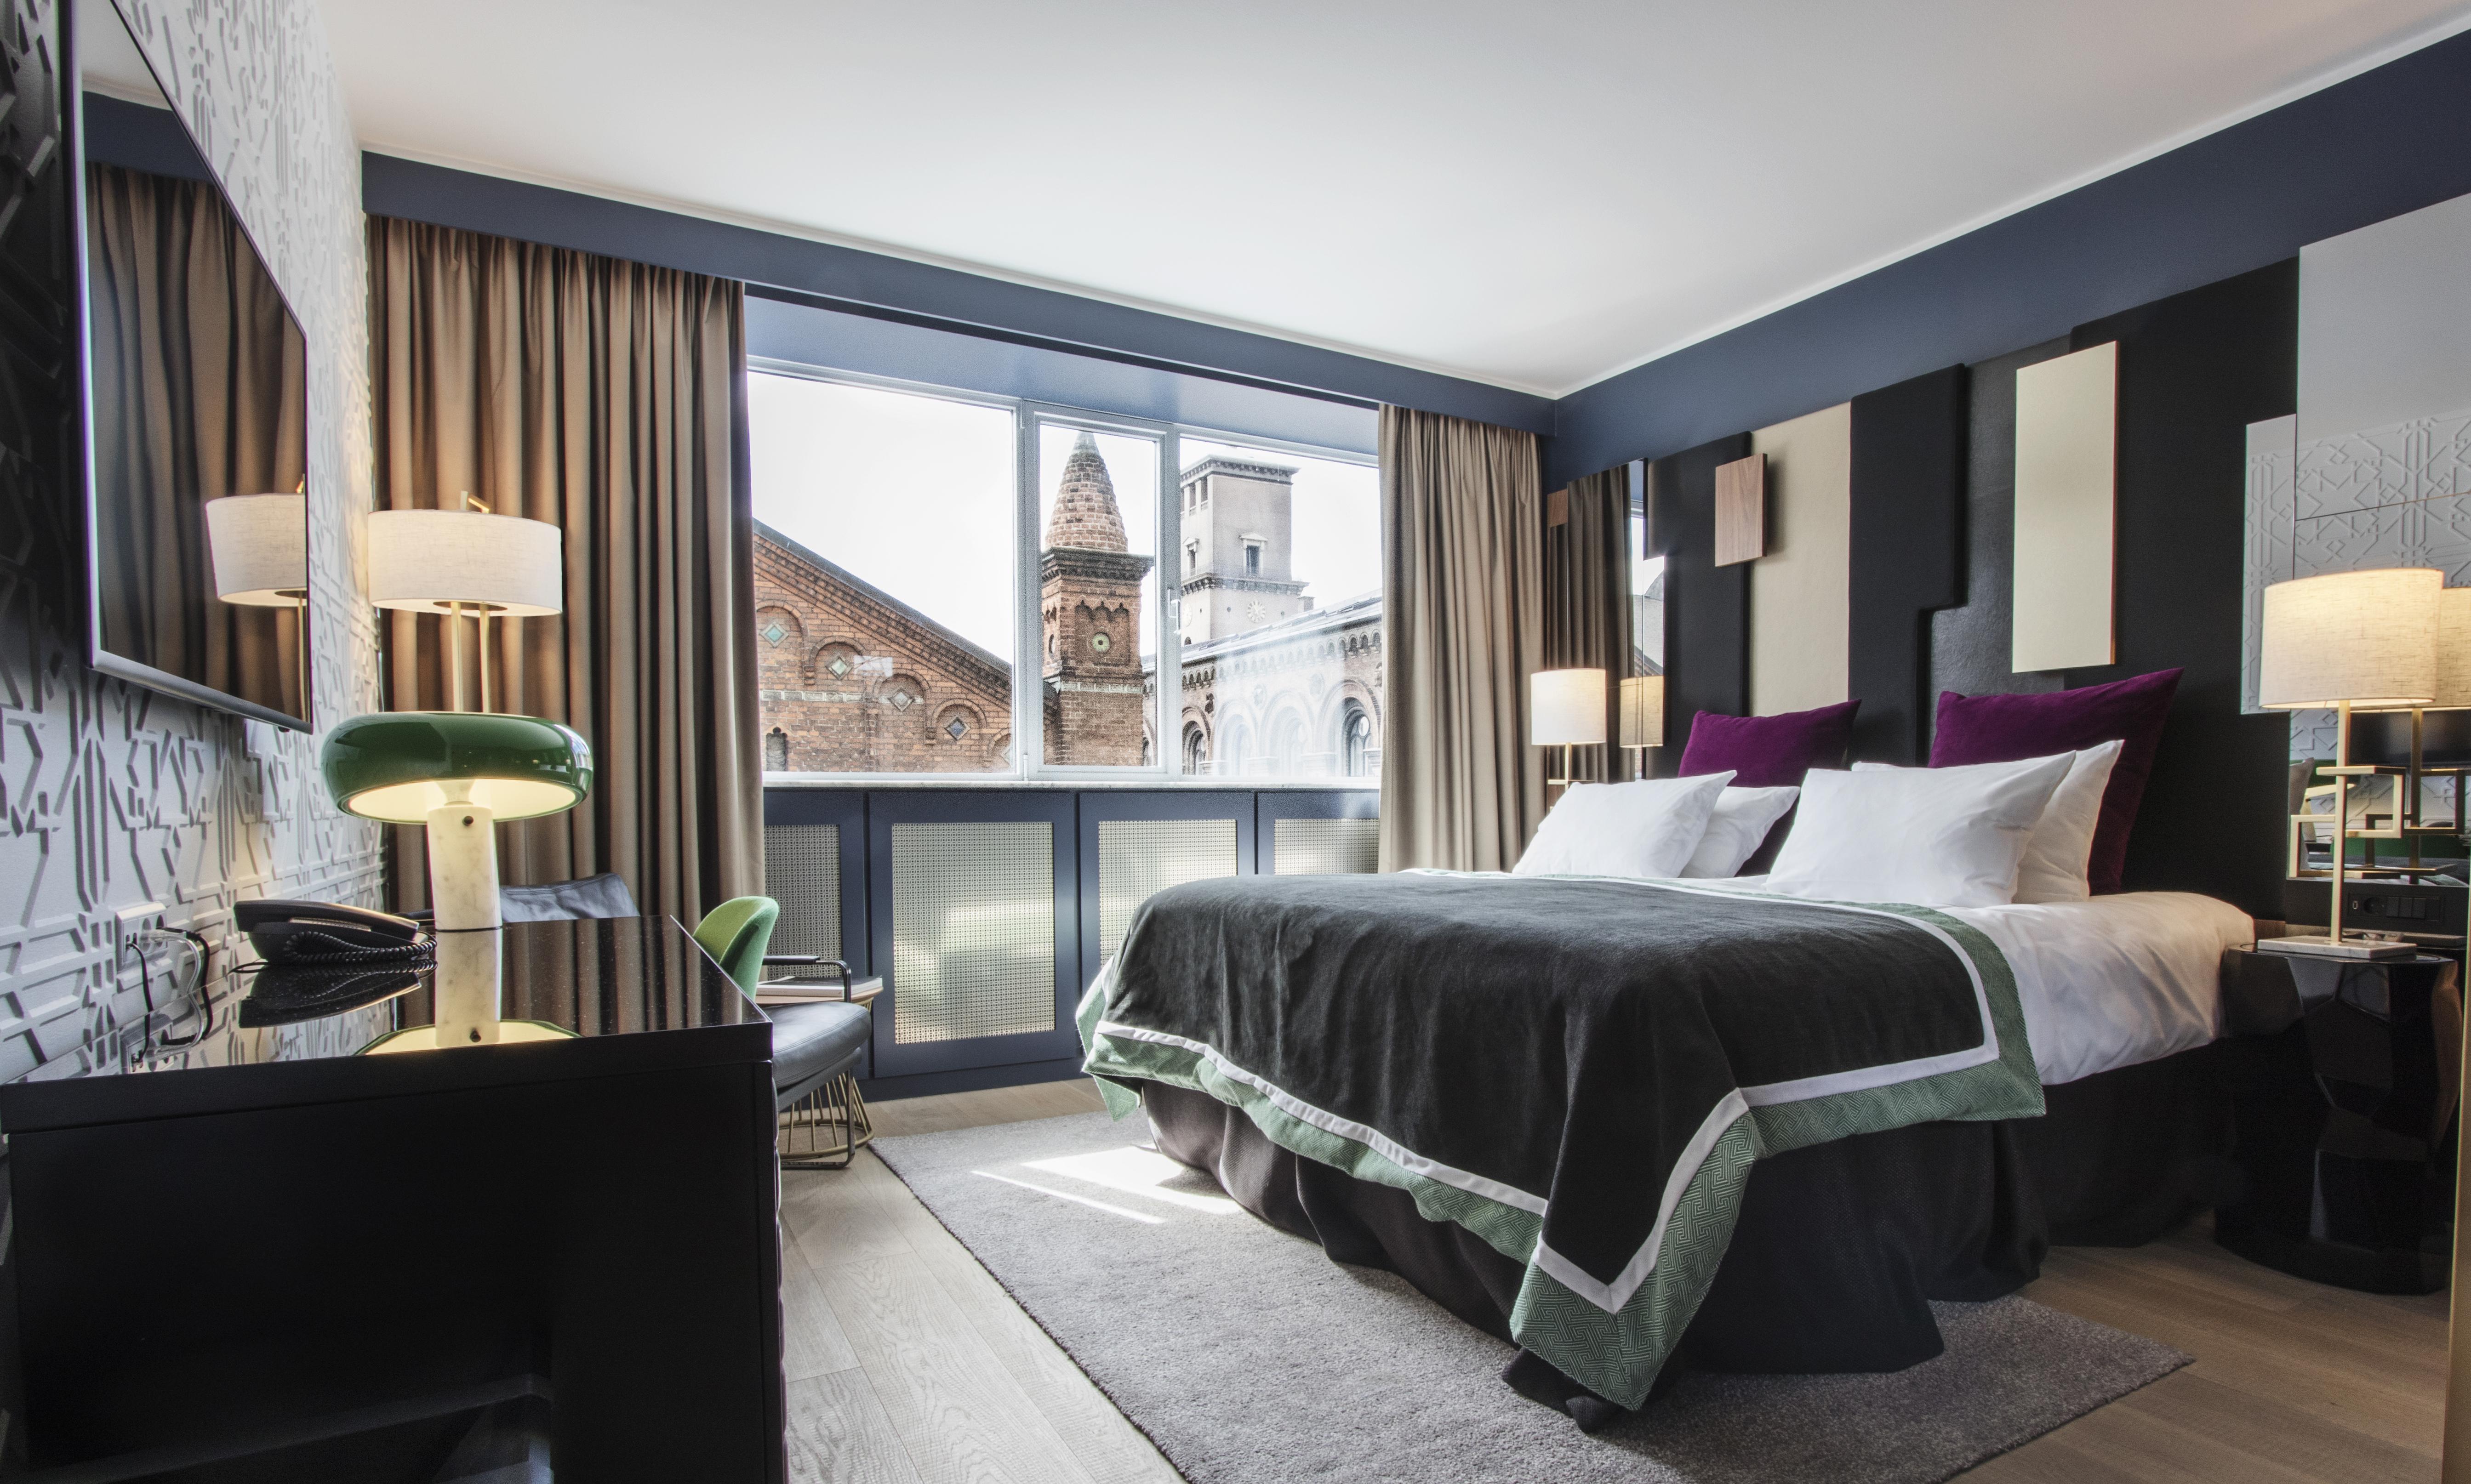 Hotel Skt. Petri i centrum af København regnes som flagskibet hos Nordic Choice Hotels i Danmark. Pressefoto.